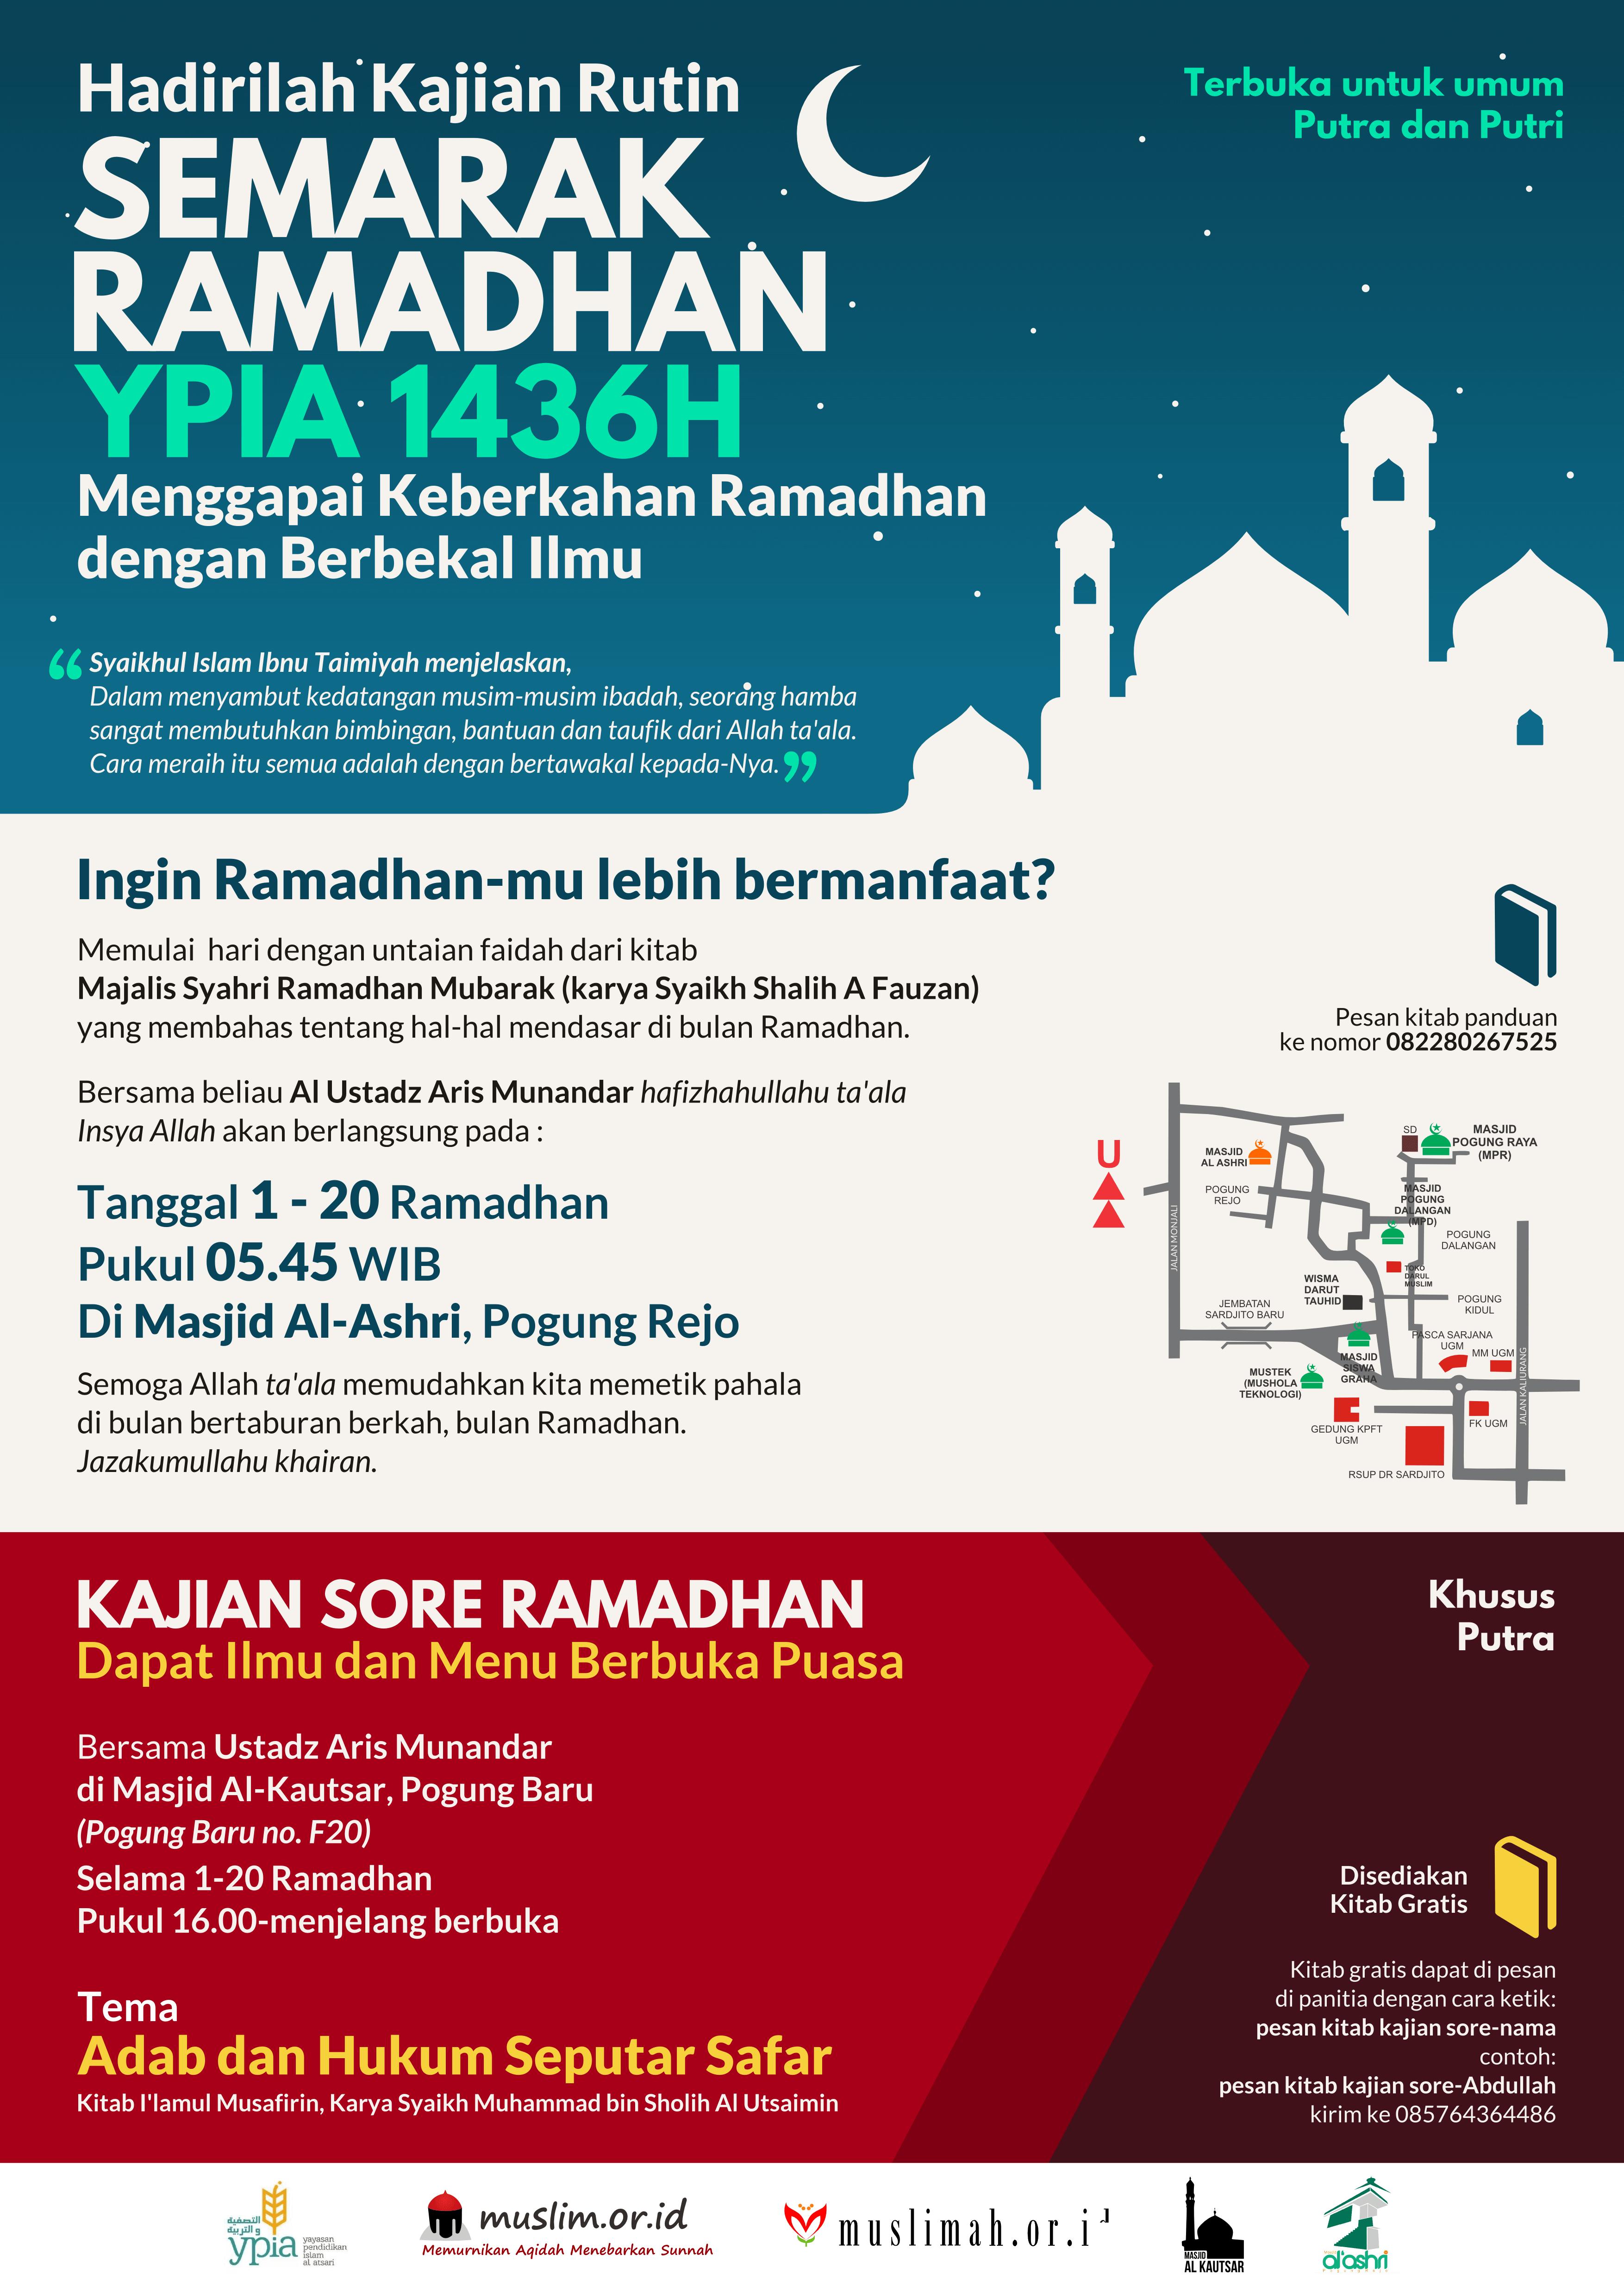 19 Kajian Rutin Semarak Ramadhan YPIA Yogyakarta, 20 20 Ramadhan 20436H